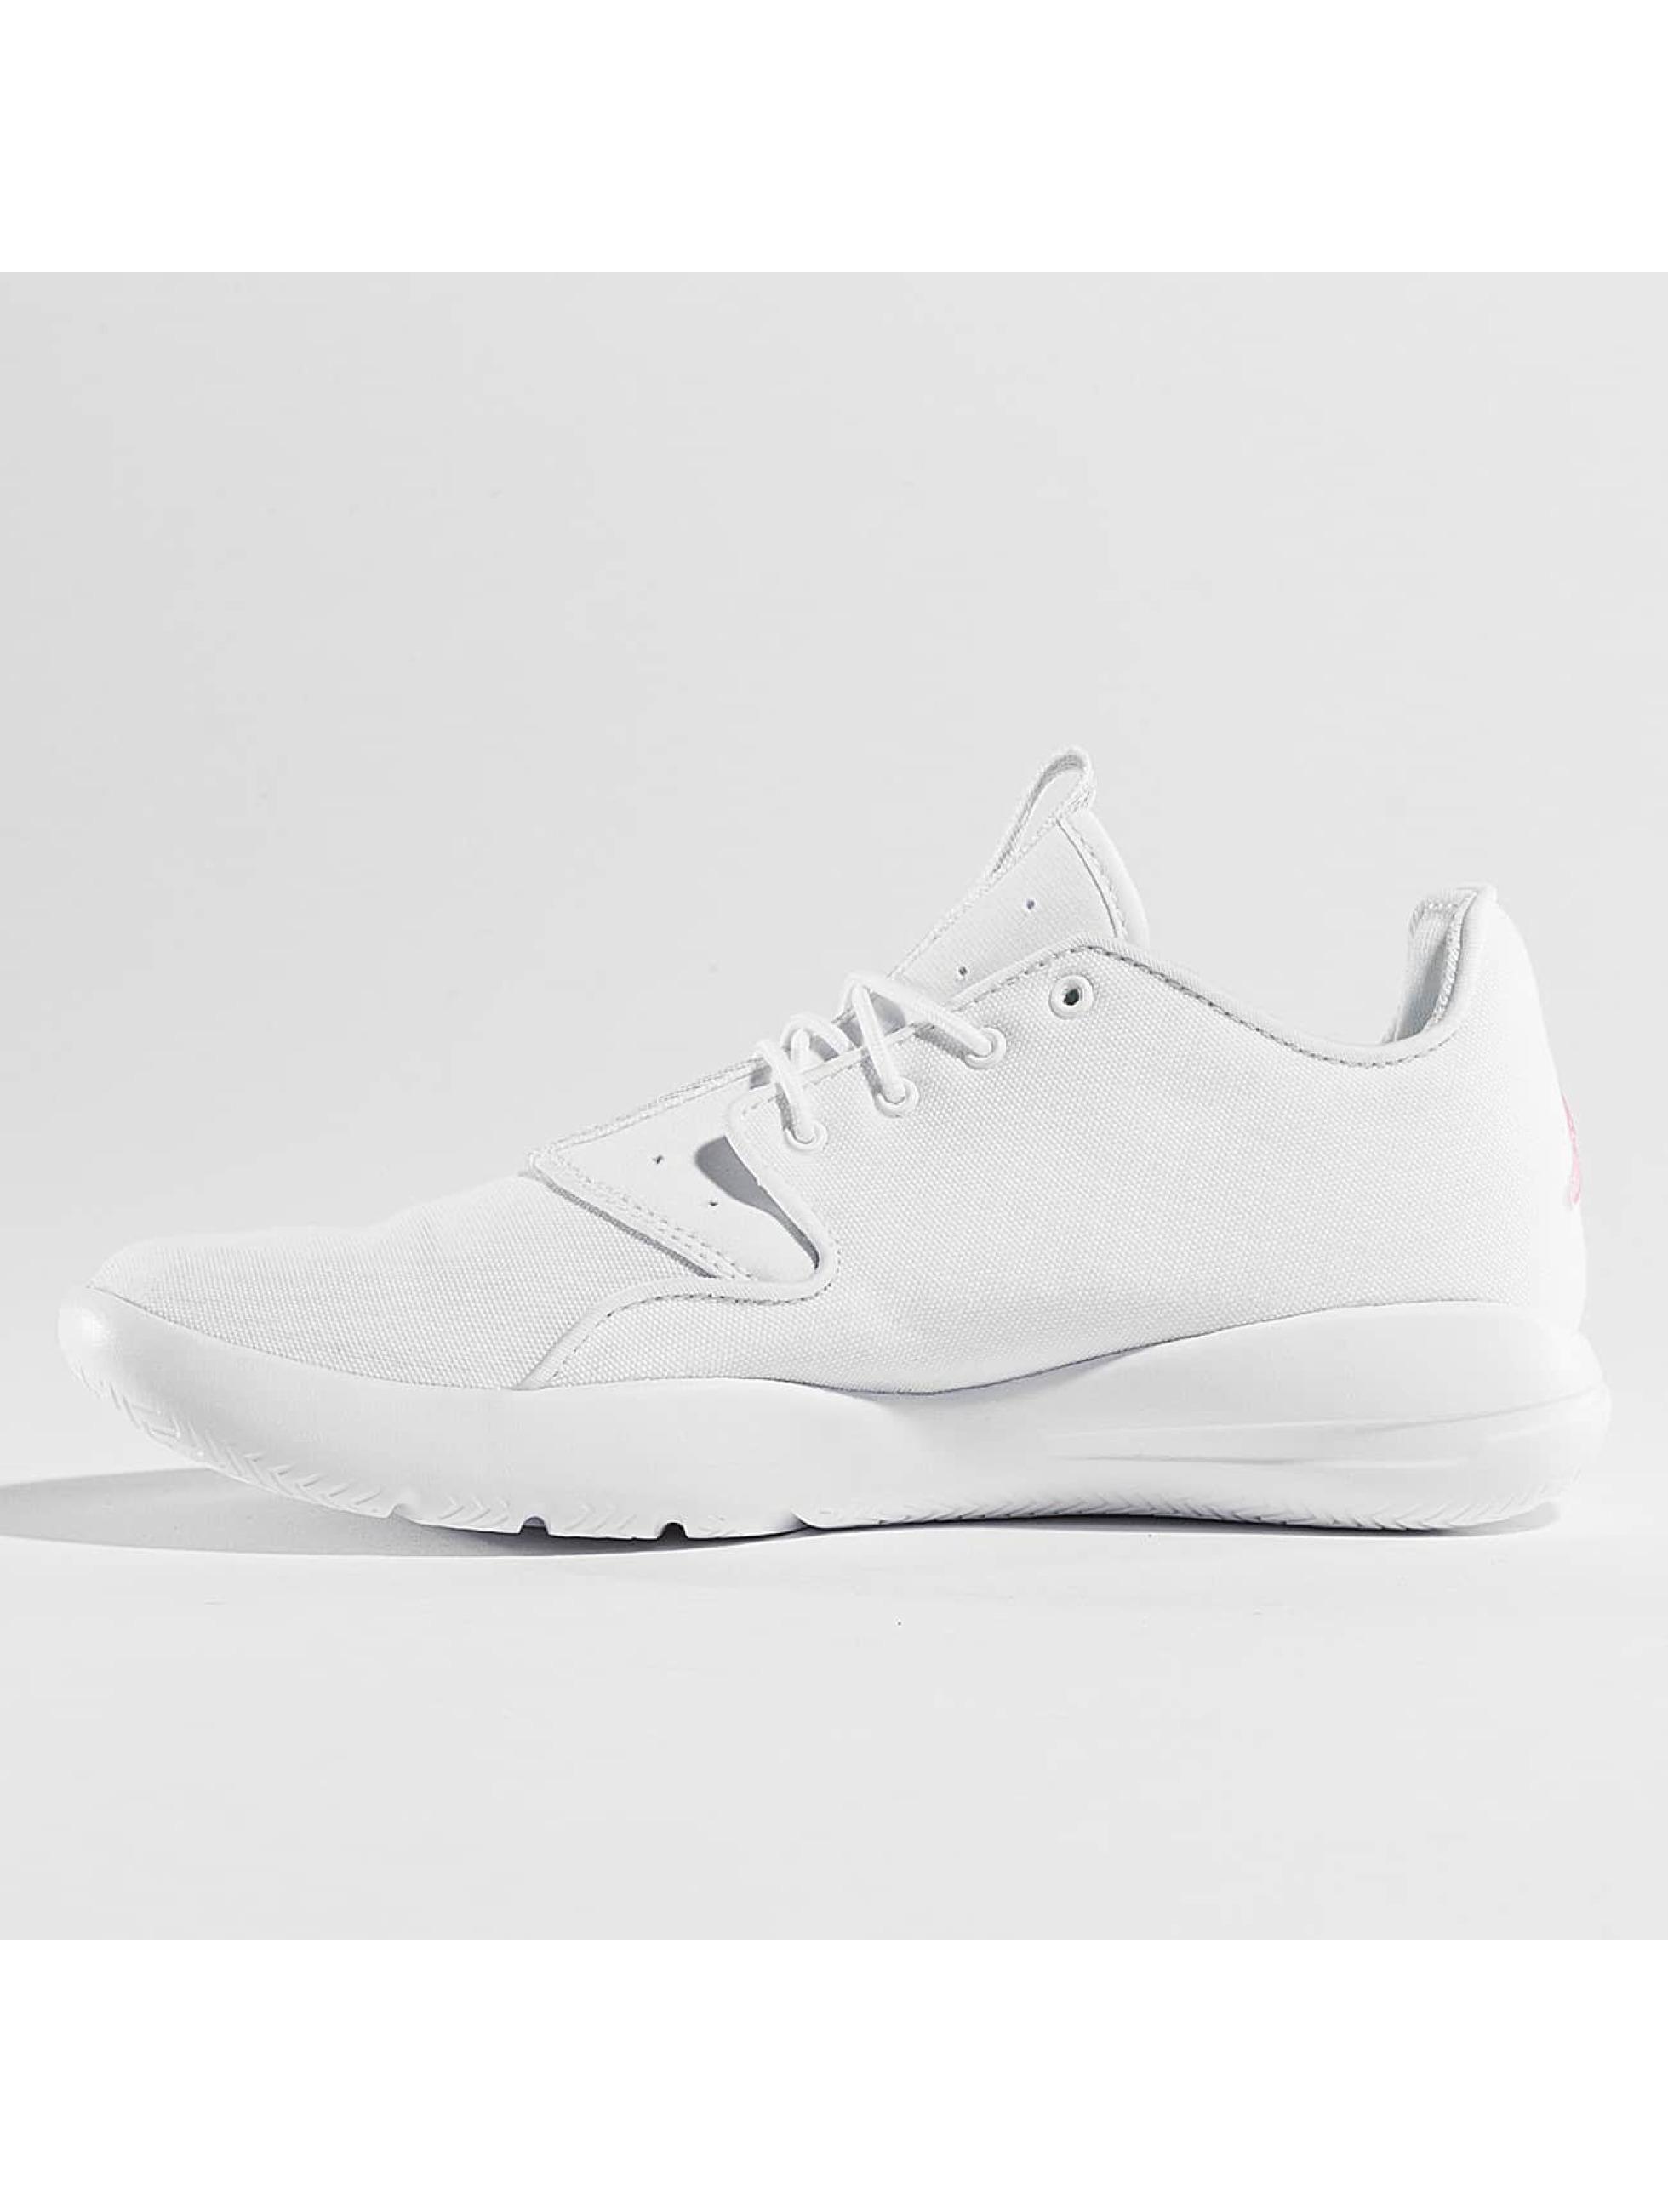 Jordan Sneakers Eclipse (GS) white